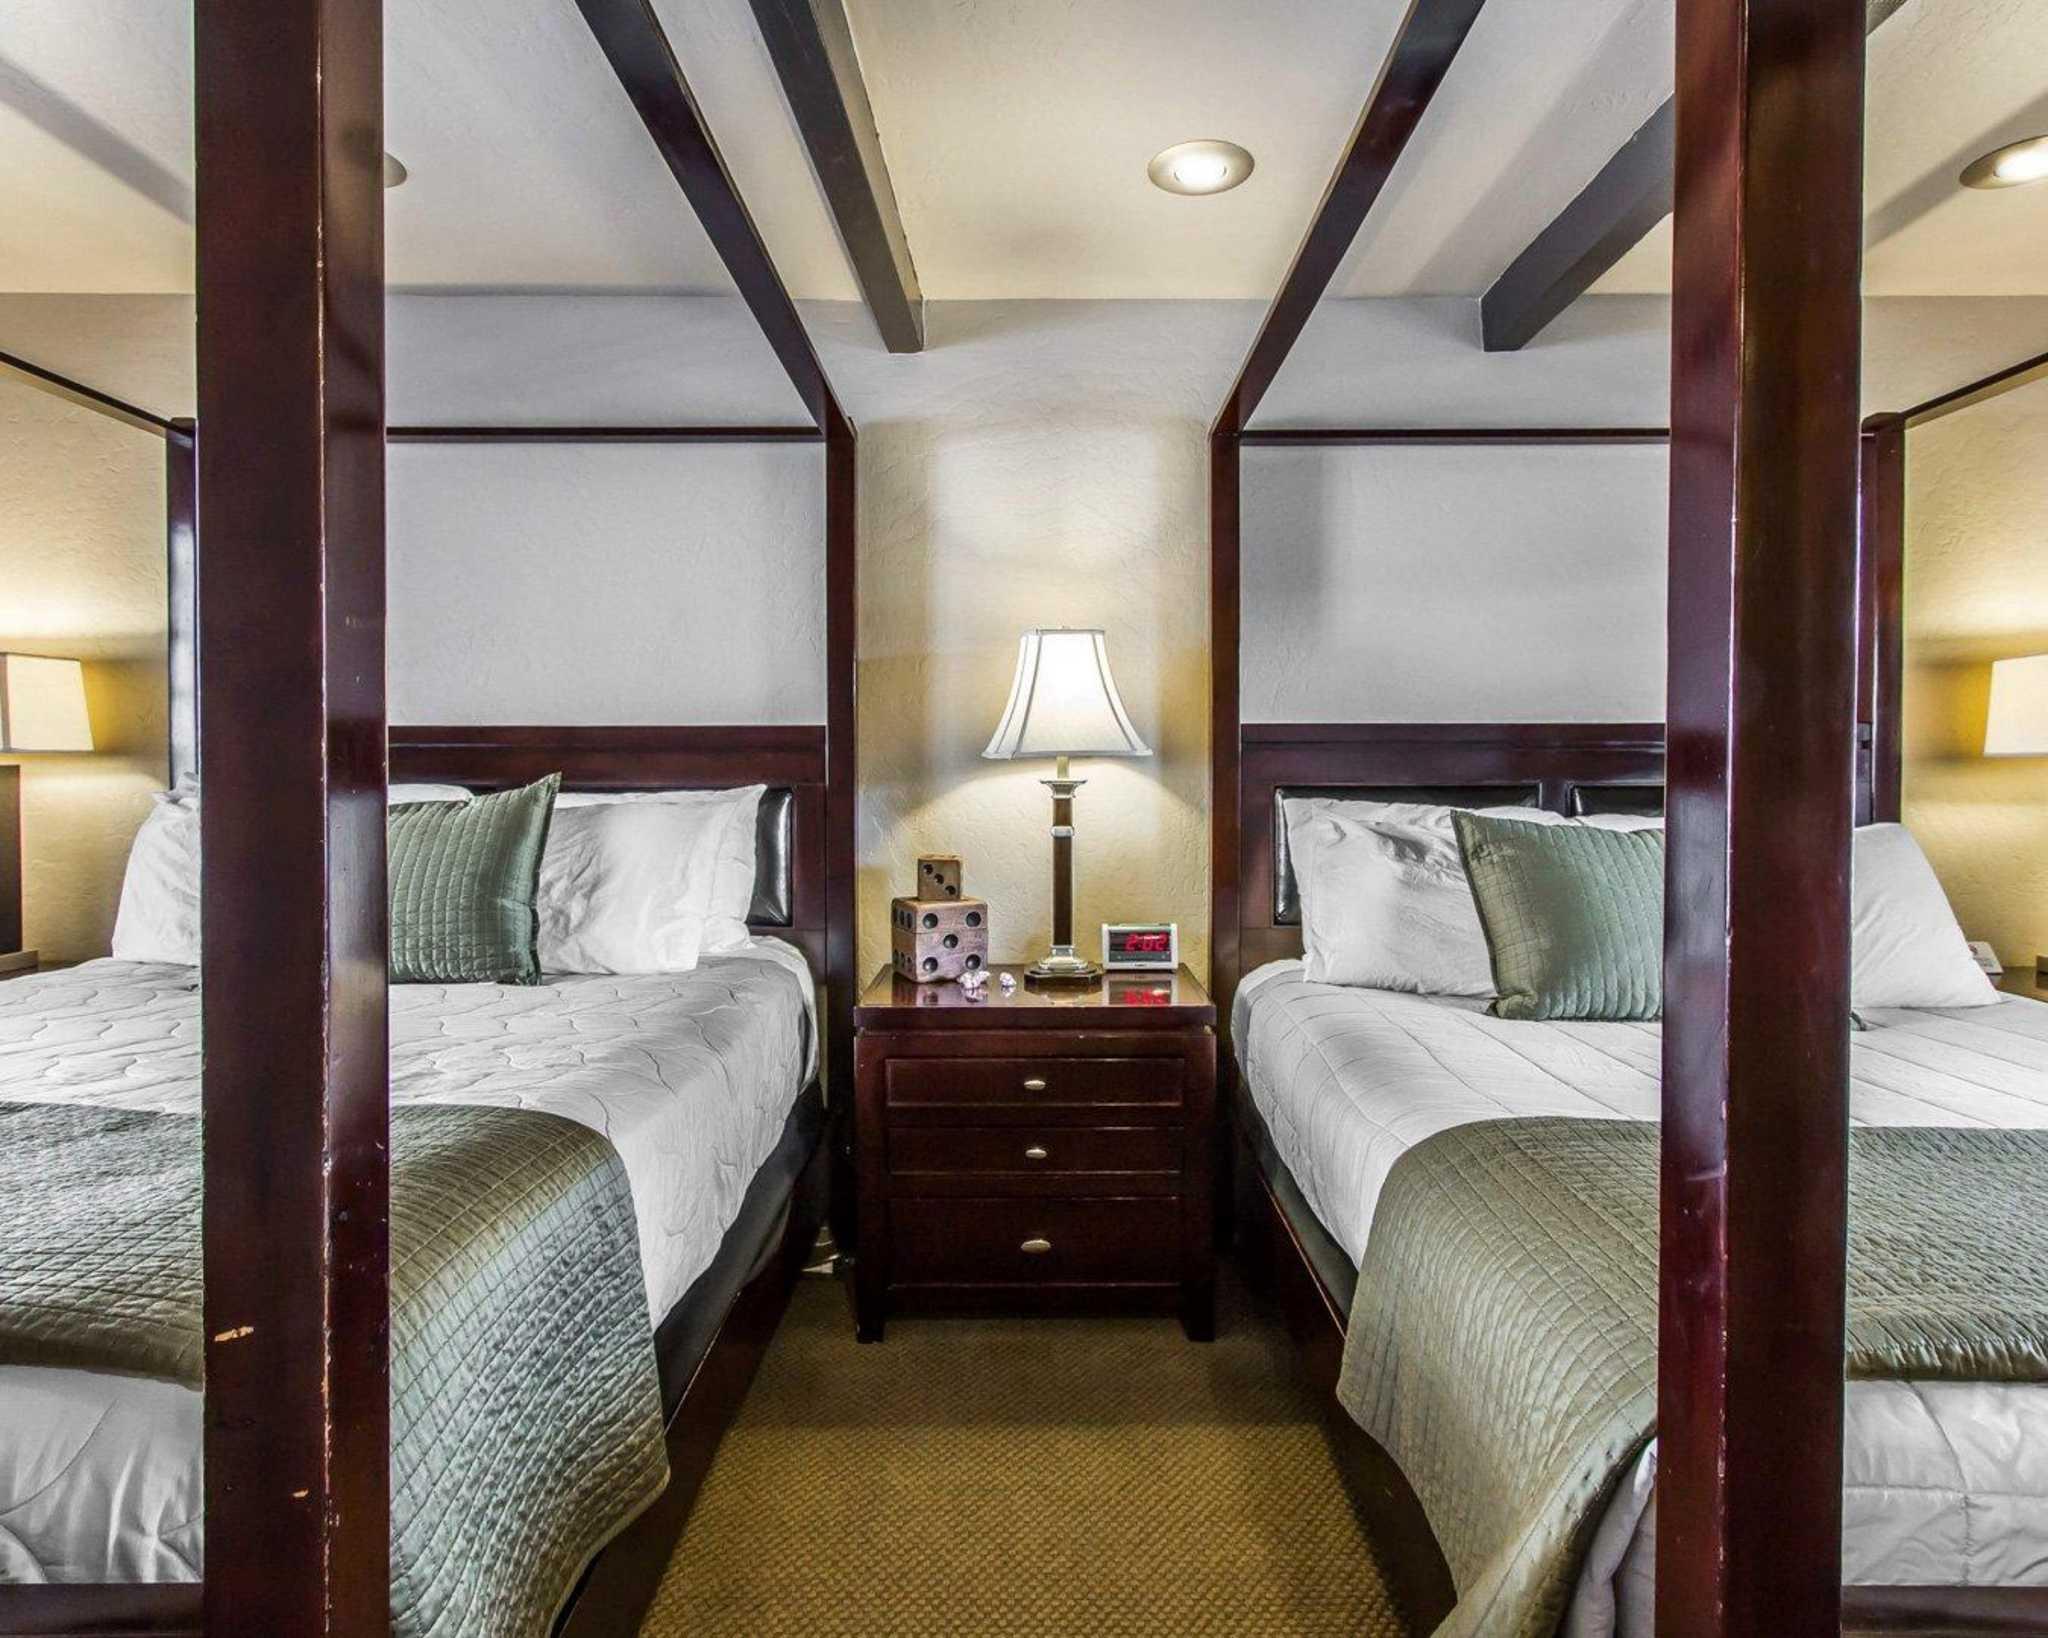 Rodeway Inn & Suites Downtowner-Rte 66 image 23